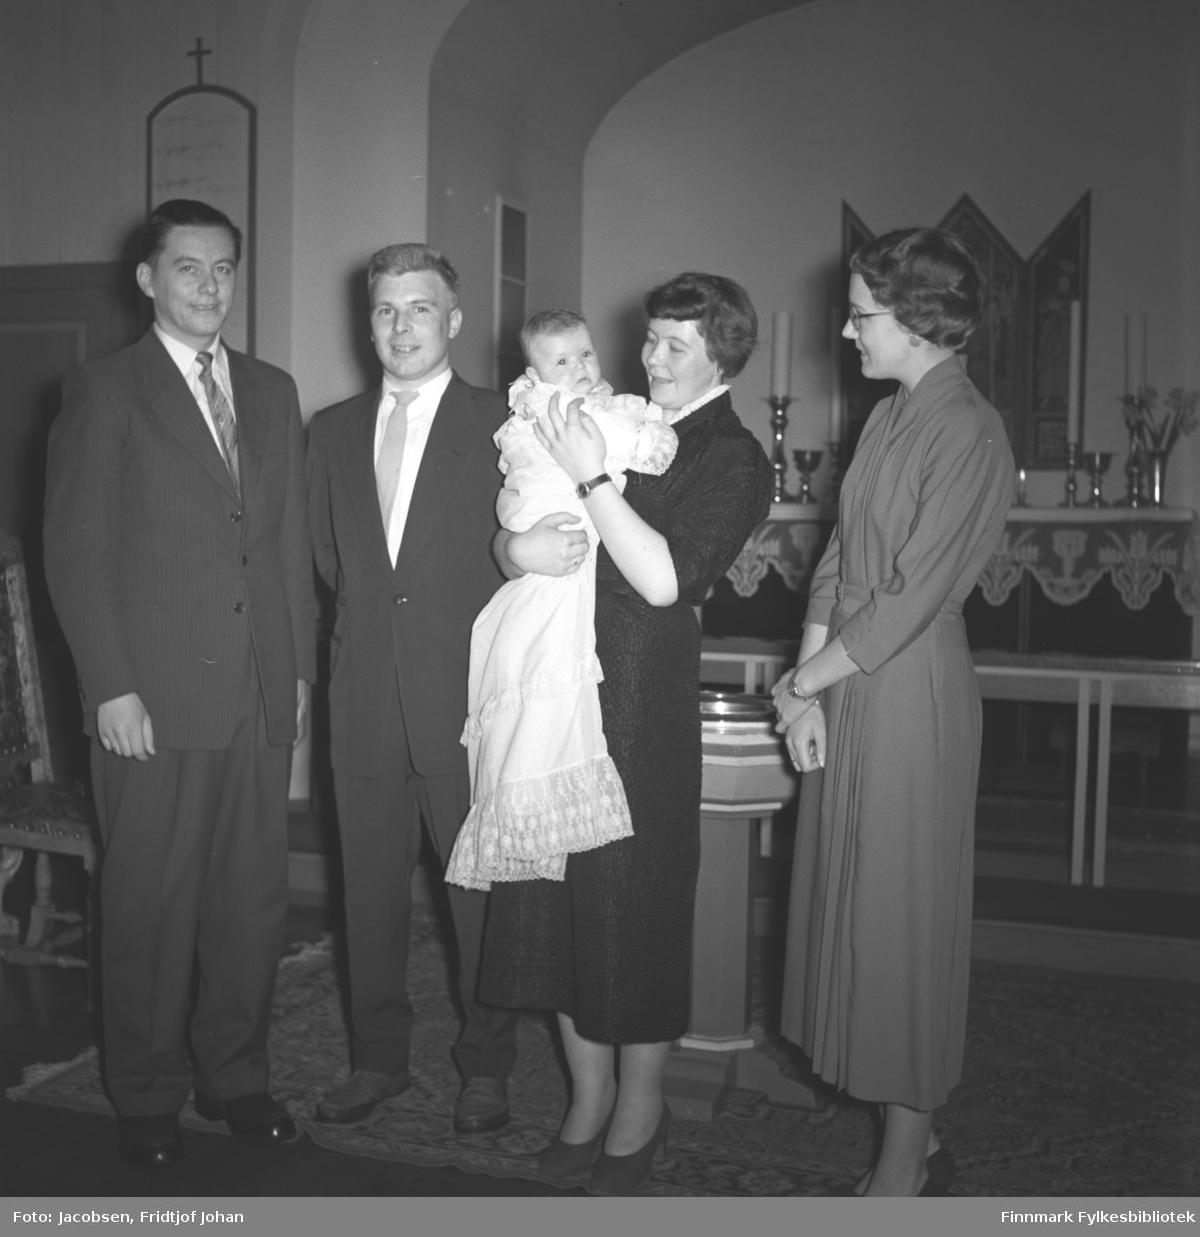 Barnedåp i Hammerfest kirke. Fra venstre: Ivar Aas, Halvard Sebergsen, Else Marie Sebergsen (Aas), Sissel Sebergsen (dåpsbarnet), Liv Aas (Hansen). Sigmund Nakken, Aase og Fridtjofs nevø ble døpt samme dag